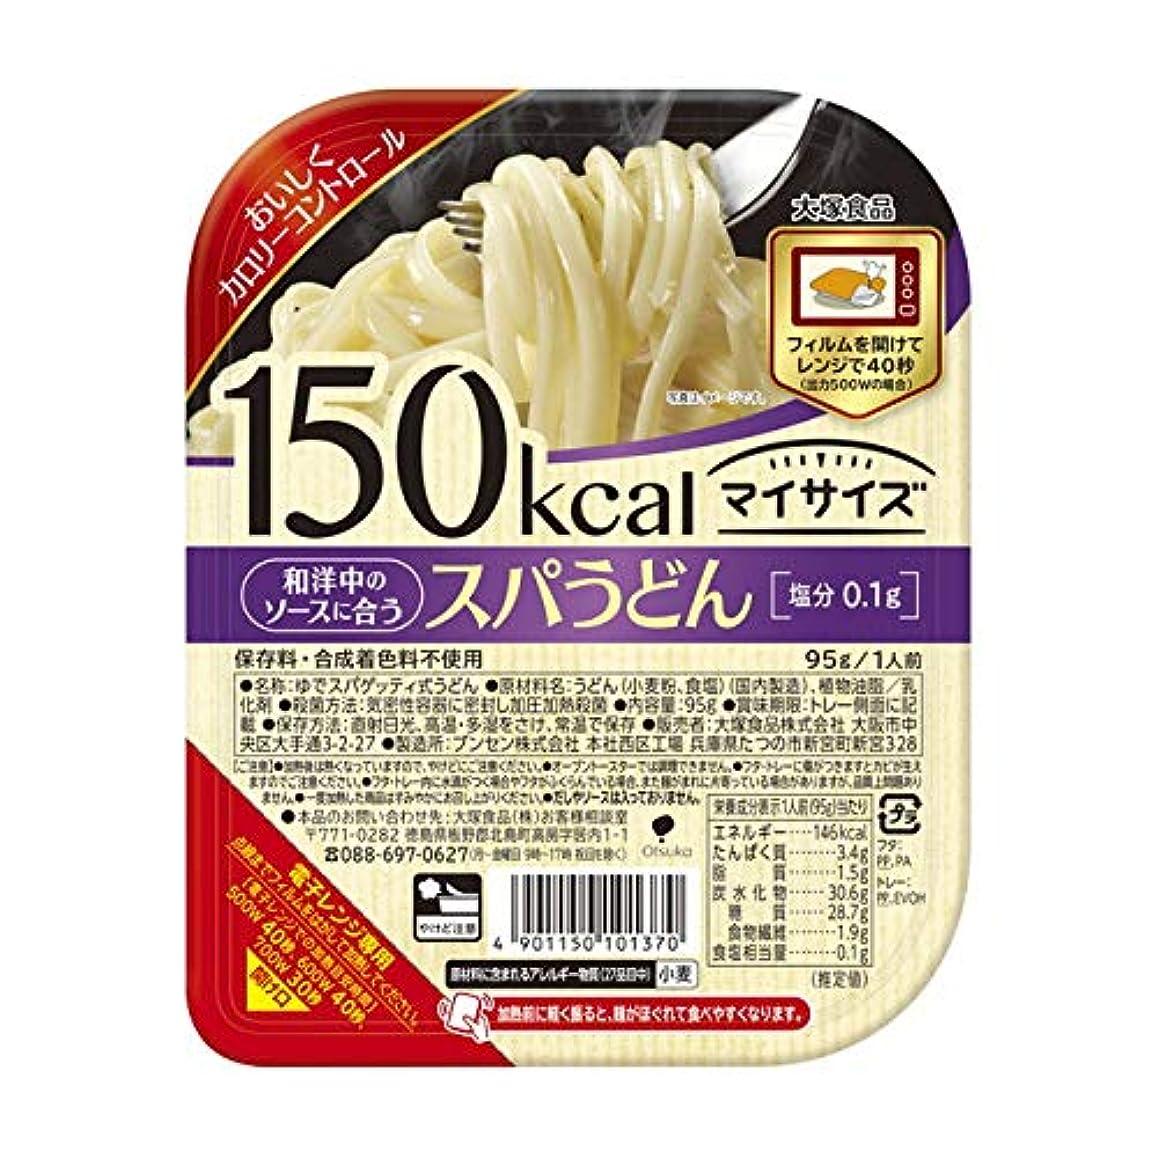 メタリック踏み台無実大塚食品 マイサイズ スパうどん 95g【6個セット】